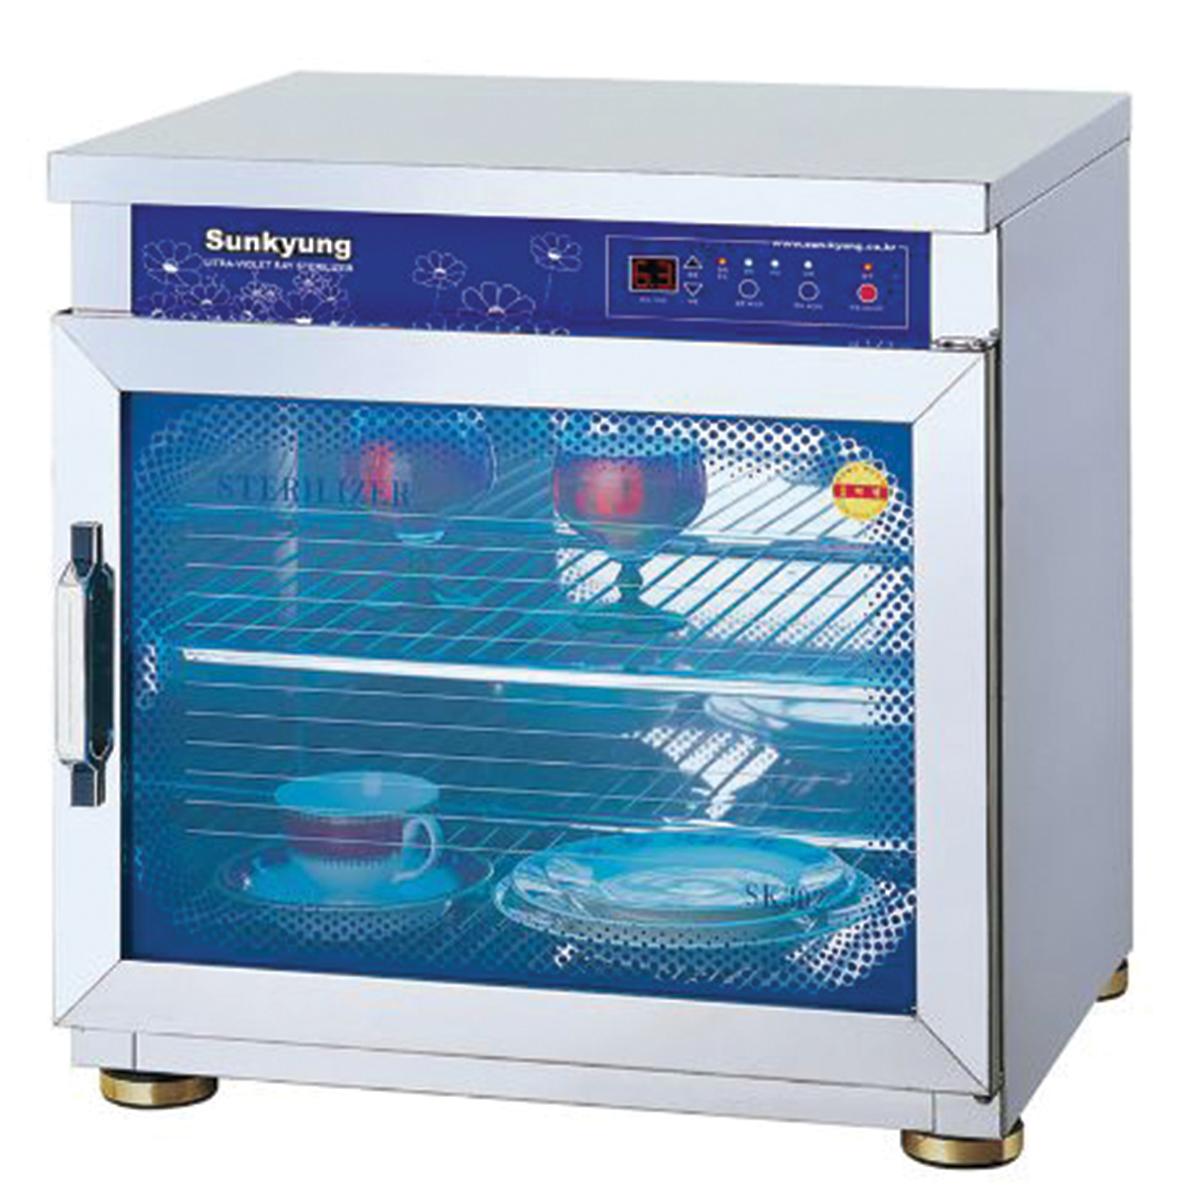 Tủ tiệt trùng sấy khô bát đĩa bằng tia UV SK-302HU